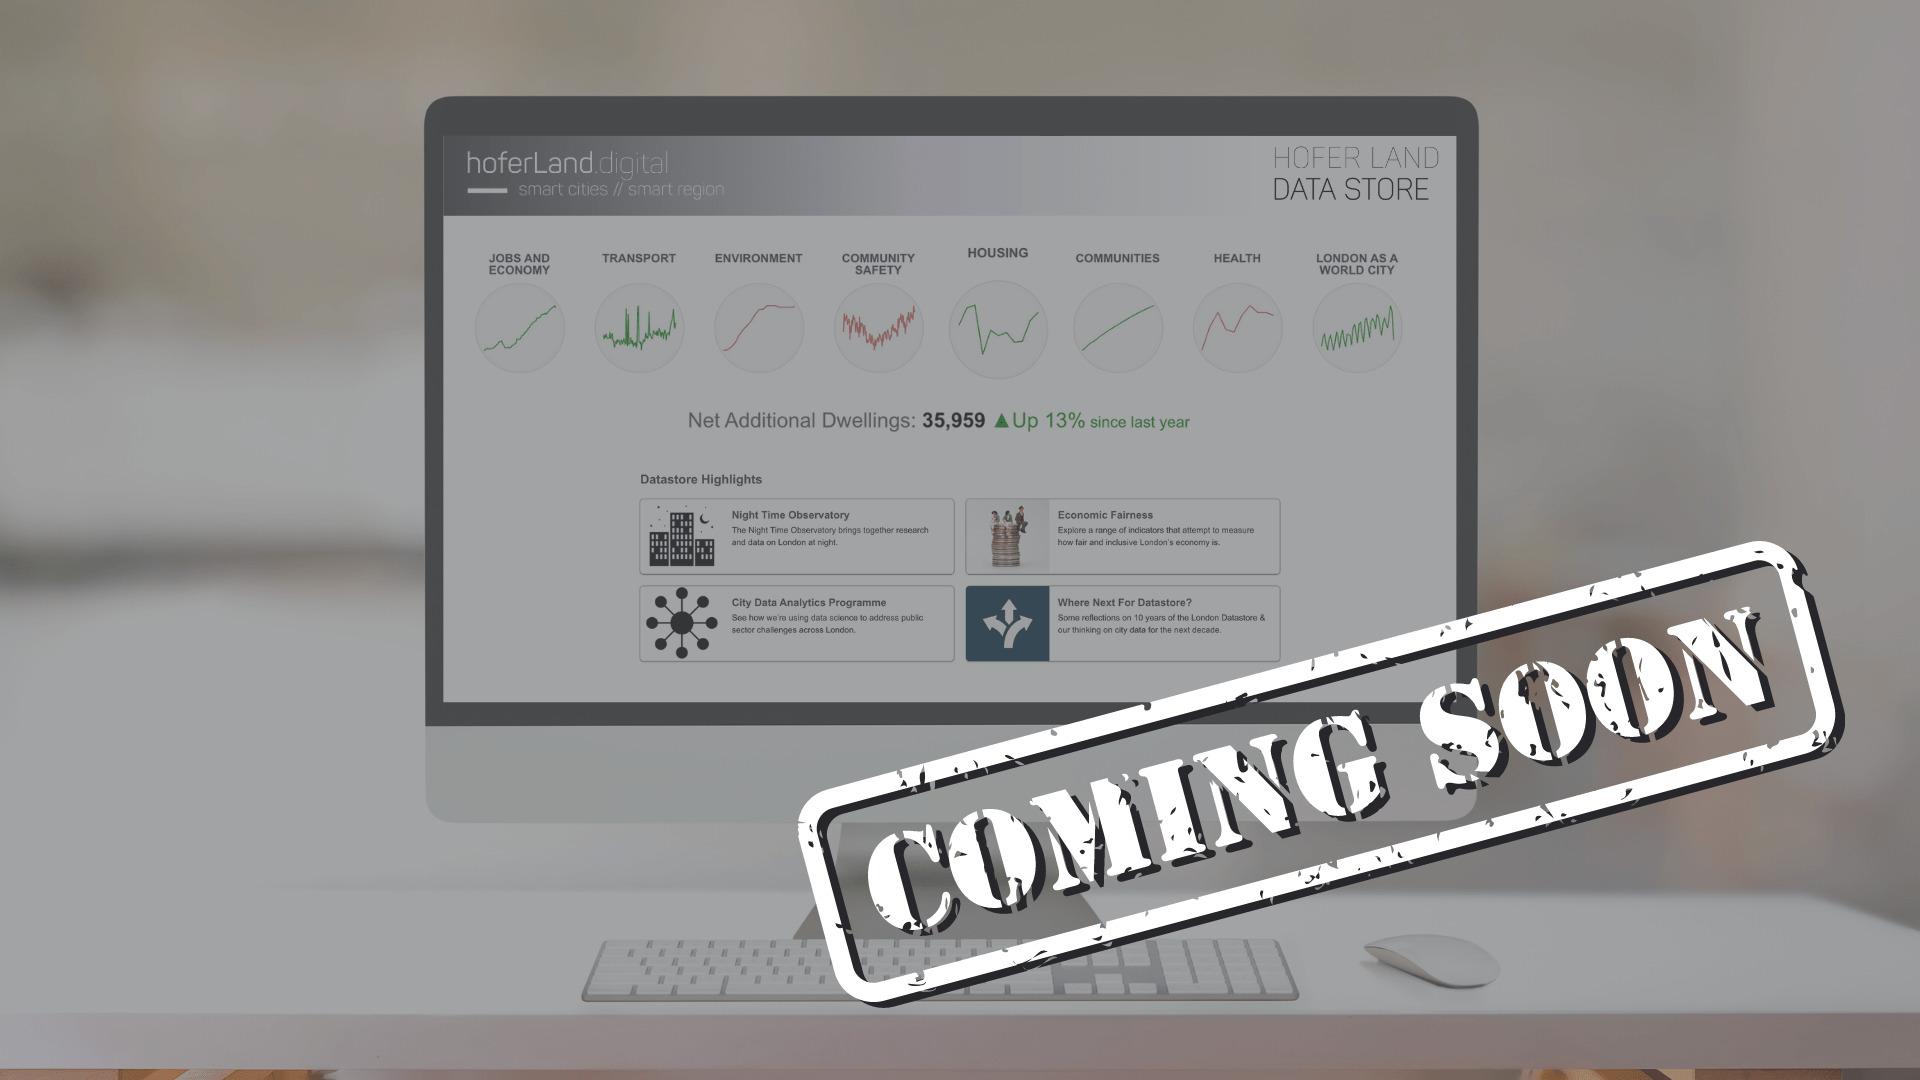 Hofer Land Data Store